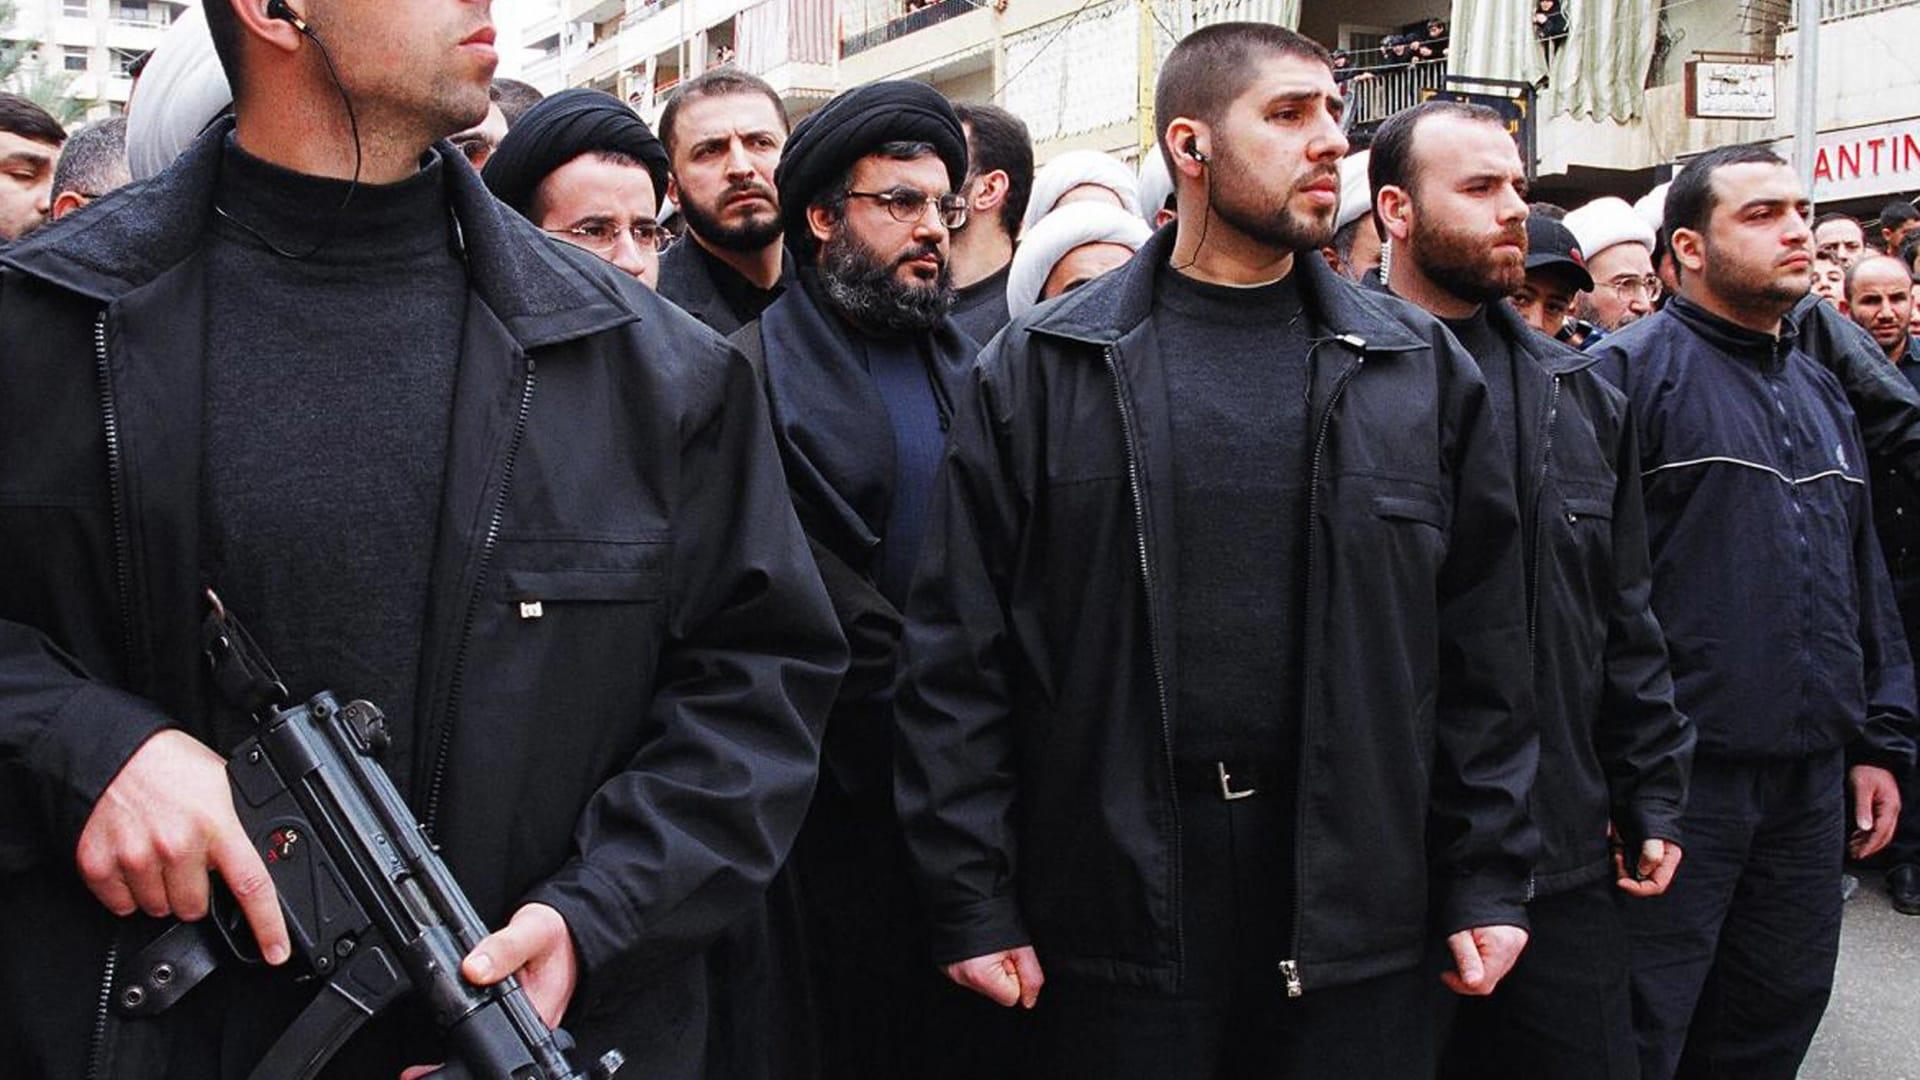 بالفيديو: من حزب الله إلى داعش وجبهة النصرة.. هل تقدم المليشيات منشطات لمسلحيها تشعرهم بالقوة الخارقة والنشوة؟